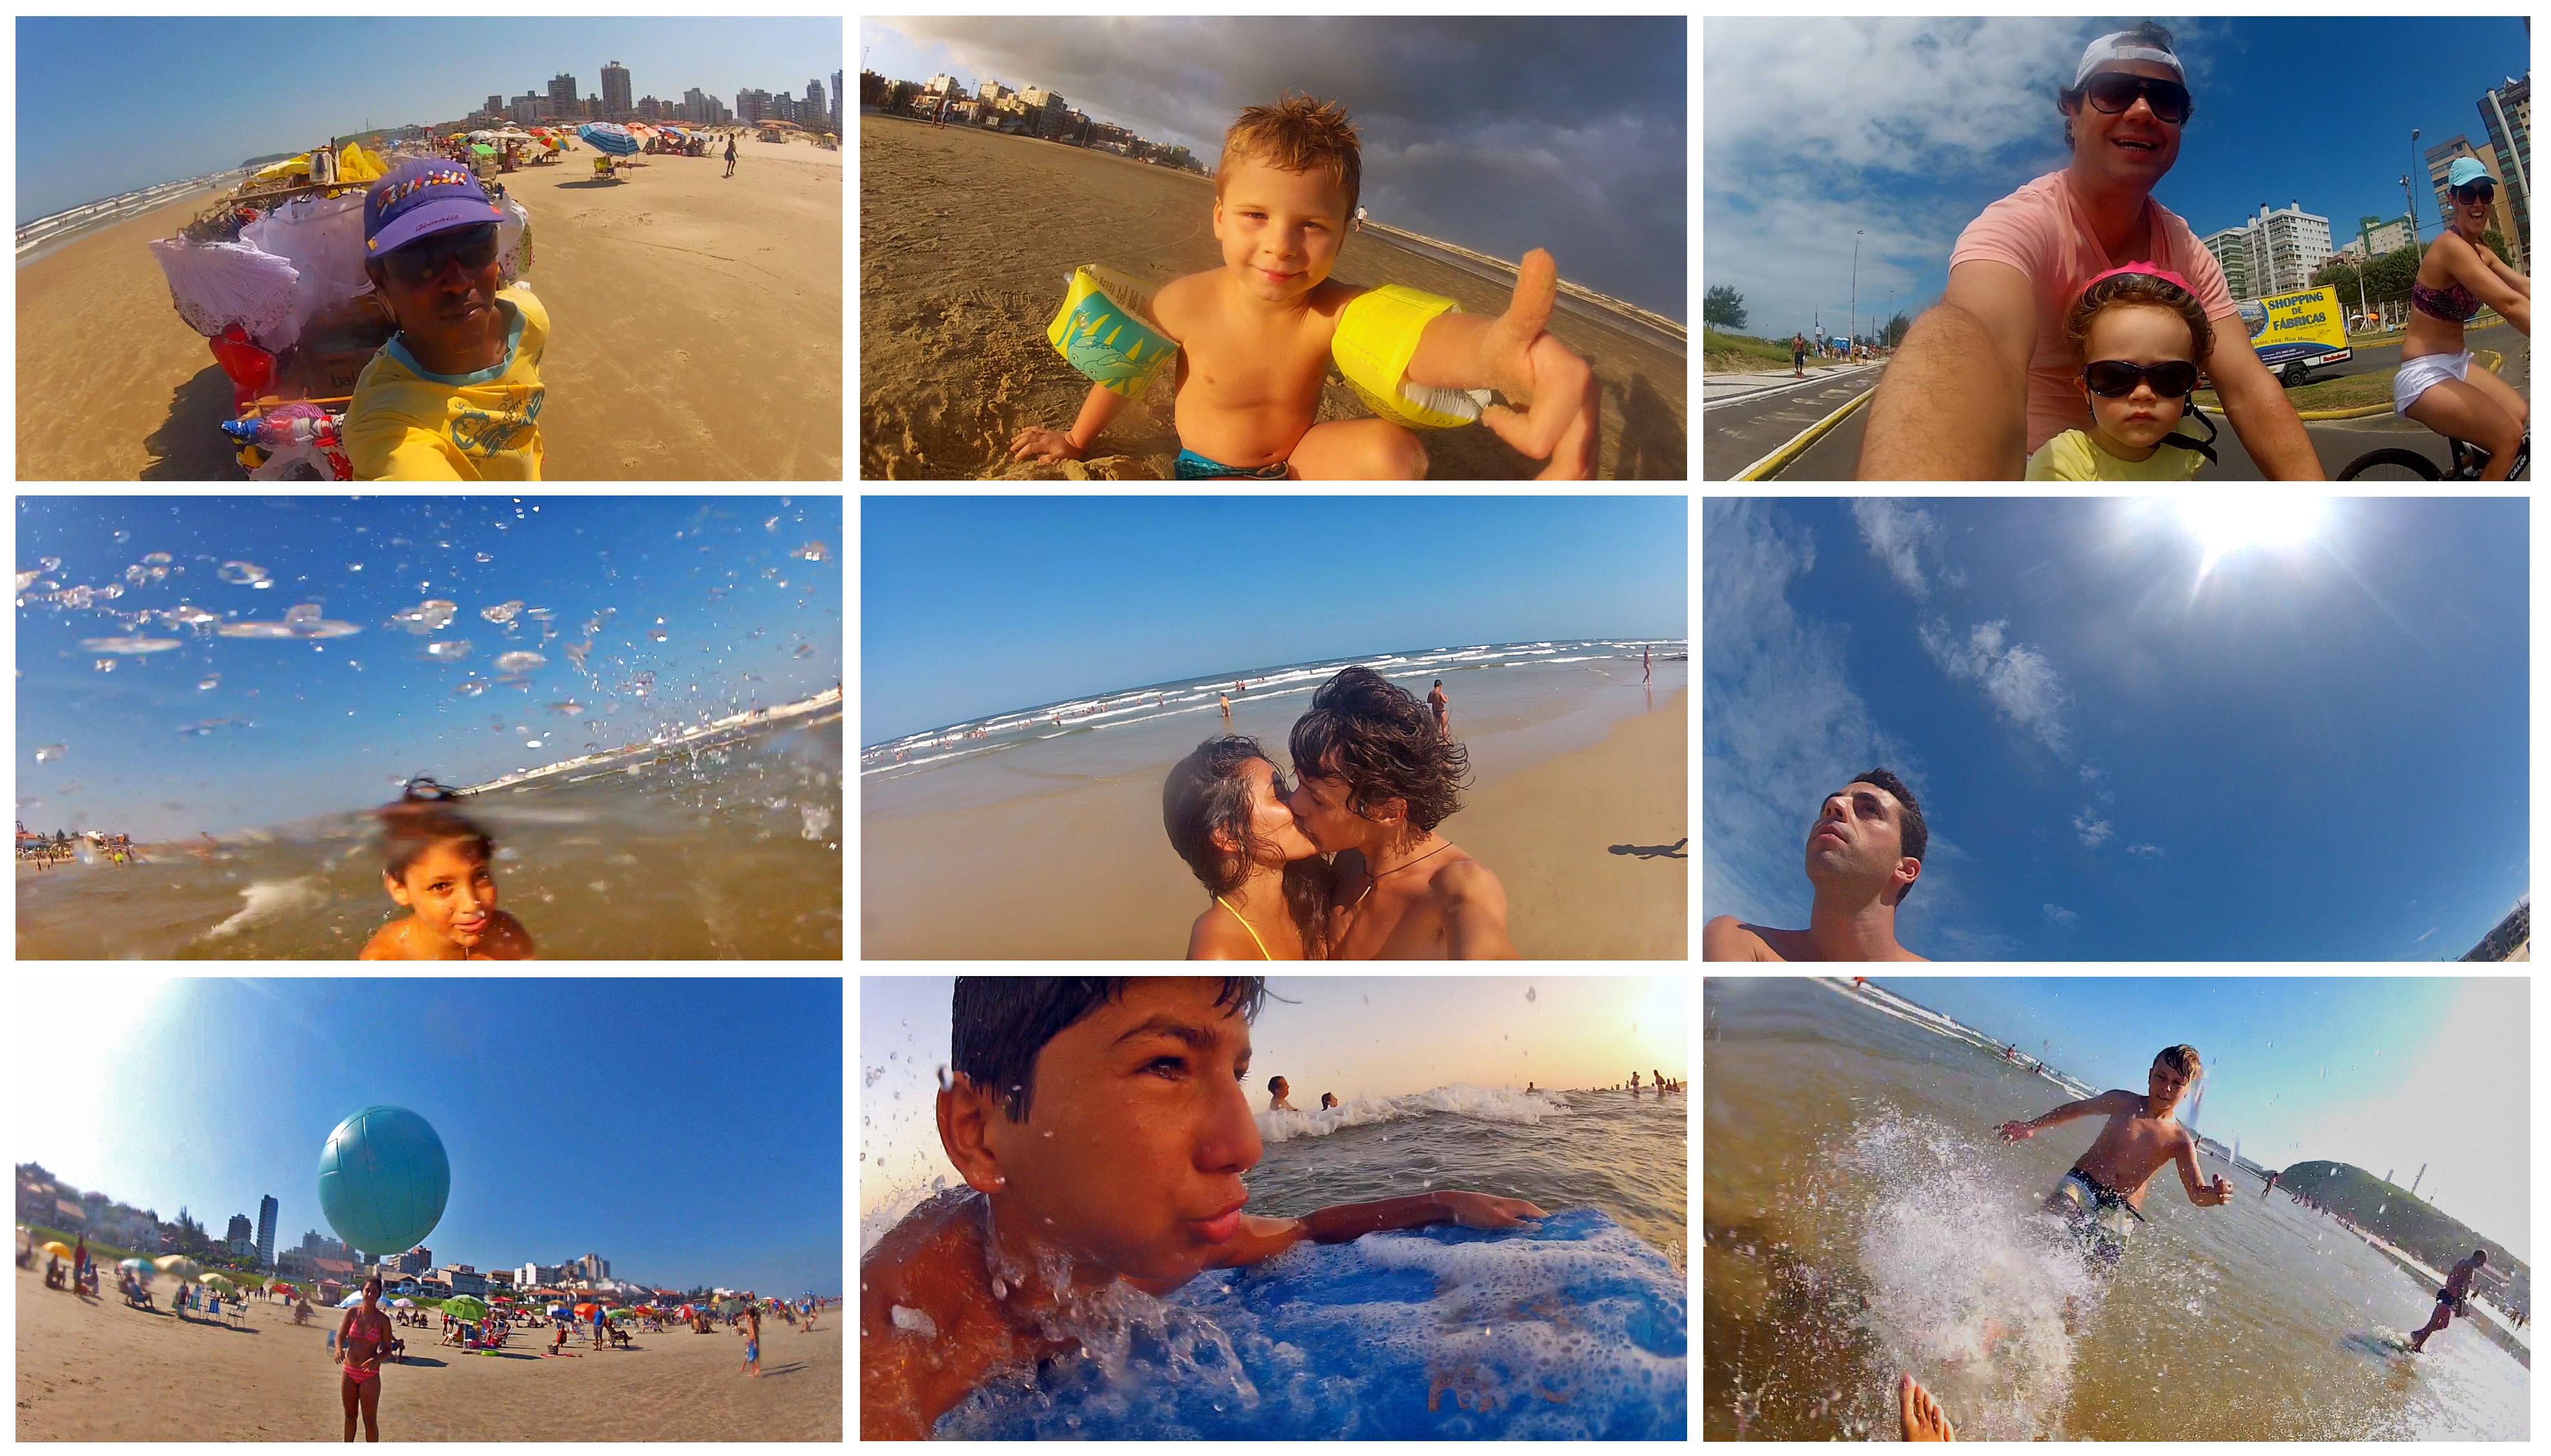 Selfie do verão: o que movimenta a praia na estação mais quente do ano